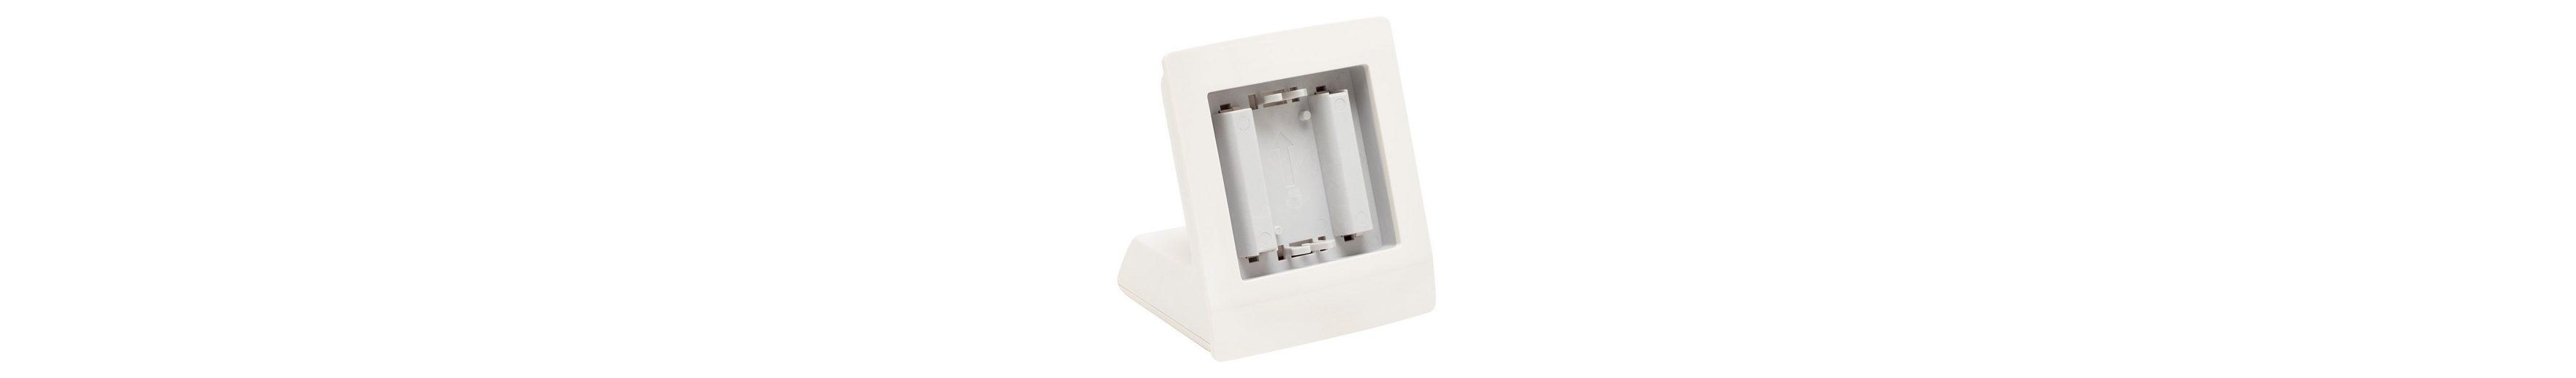 Homematic IP - Smart Home - Komfort »Tischaufsteller HMIP-DS55«